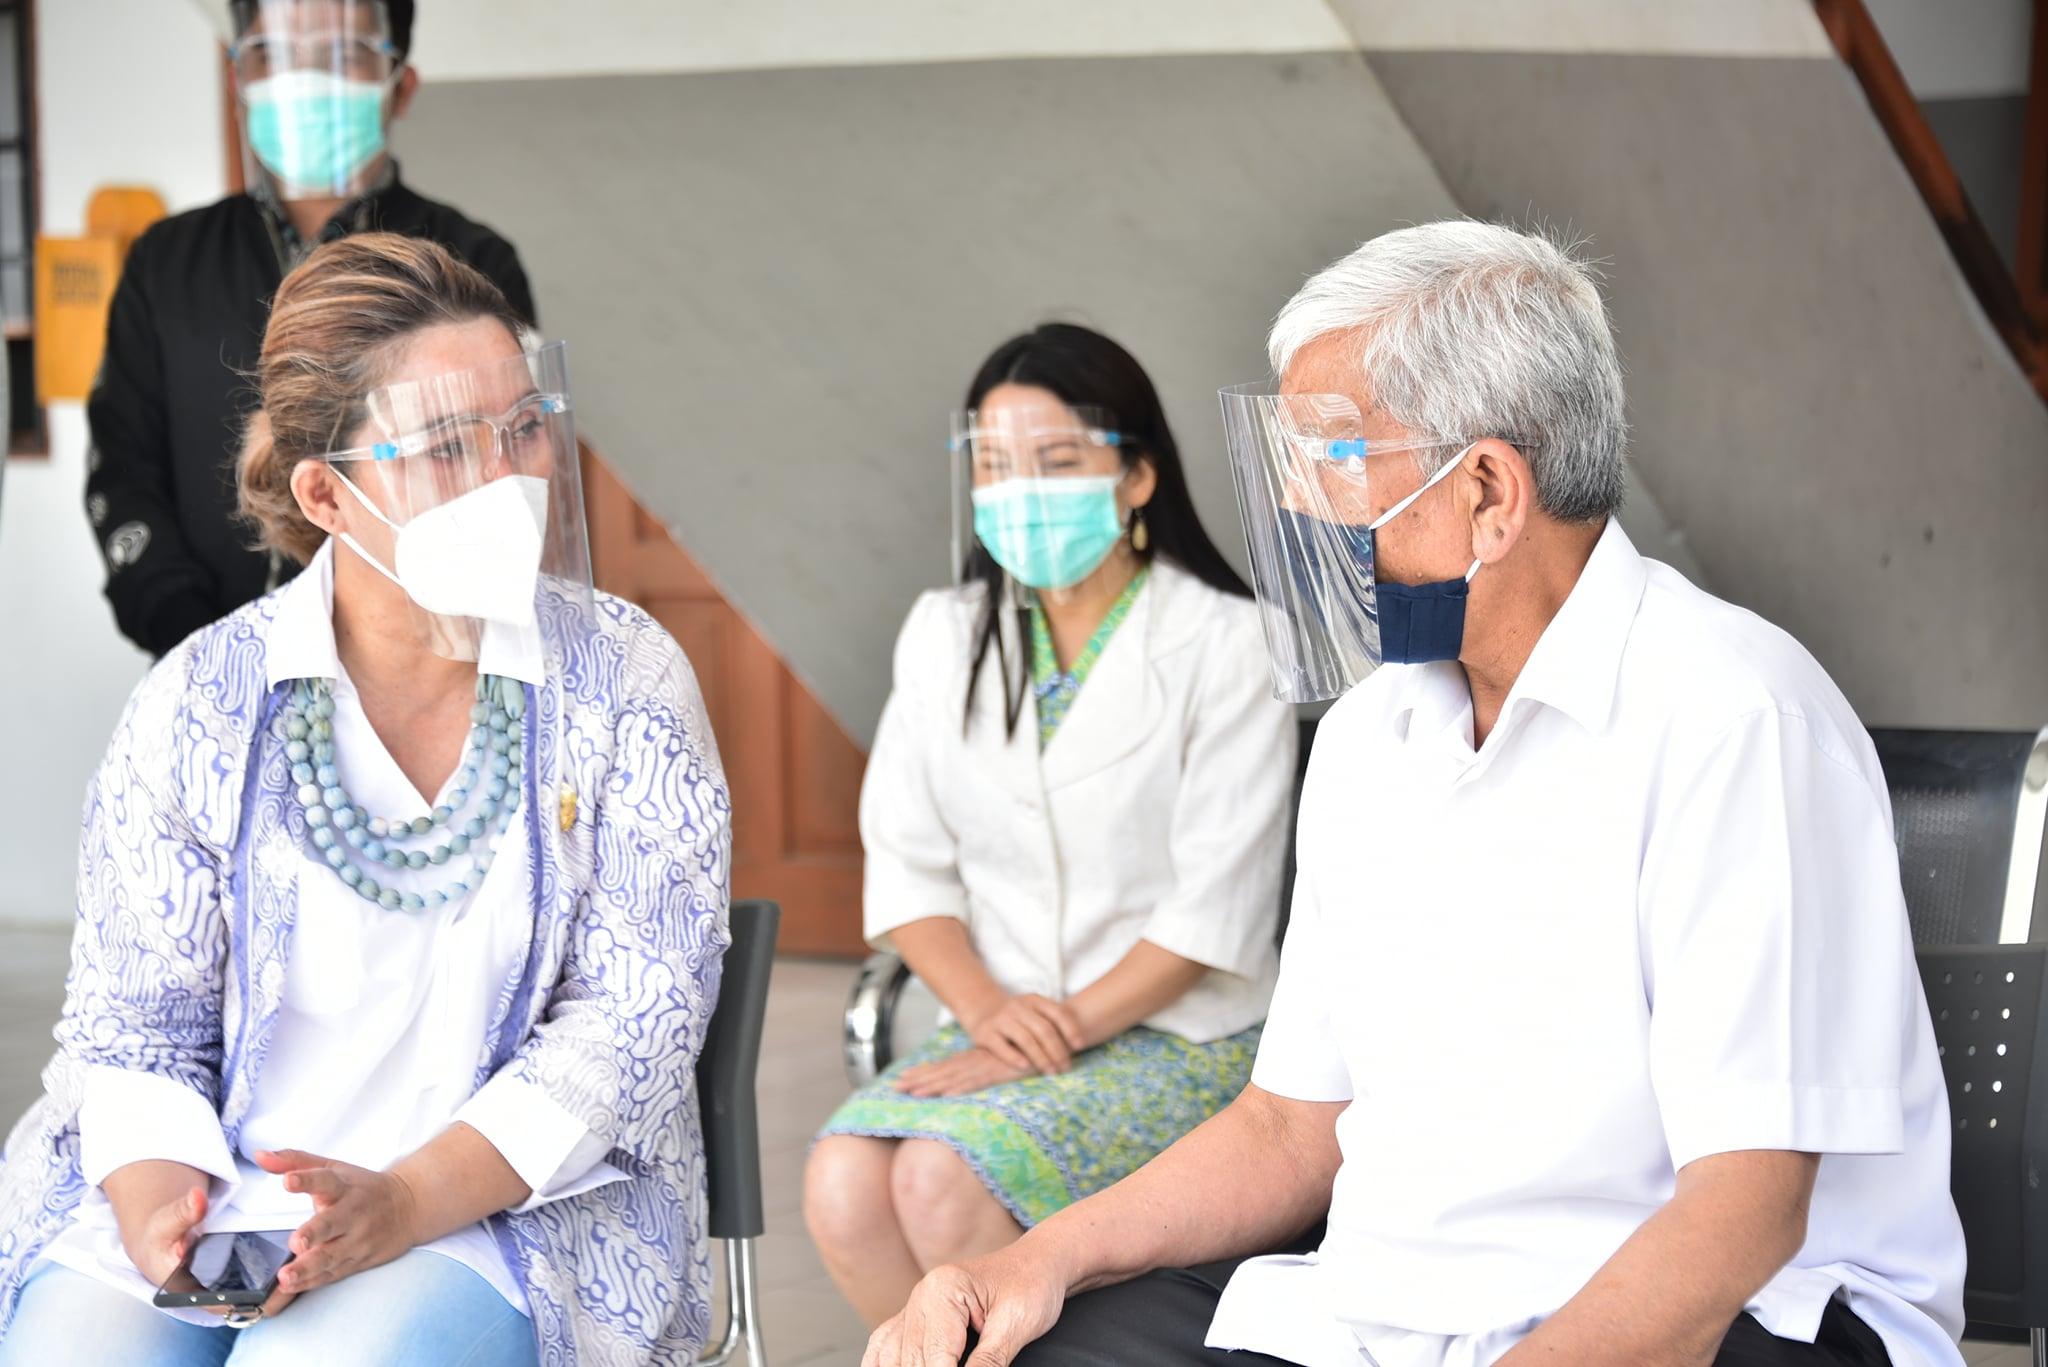 Wakil Bupati Humbang Hasundutan Ikut Swab PCR di RSUD Doloksanggul